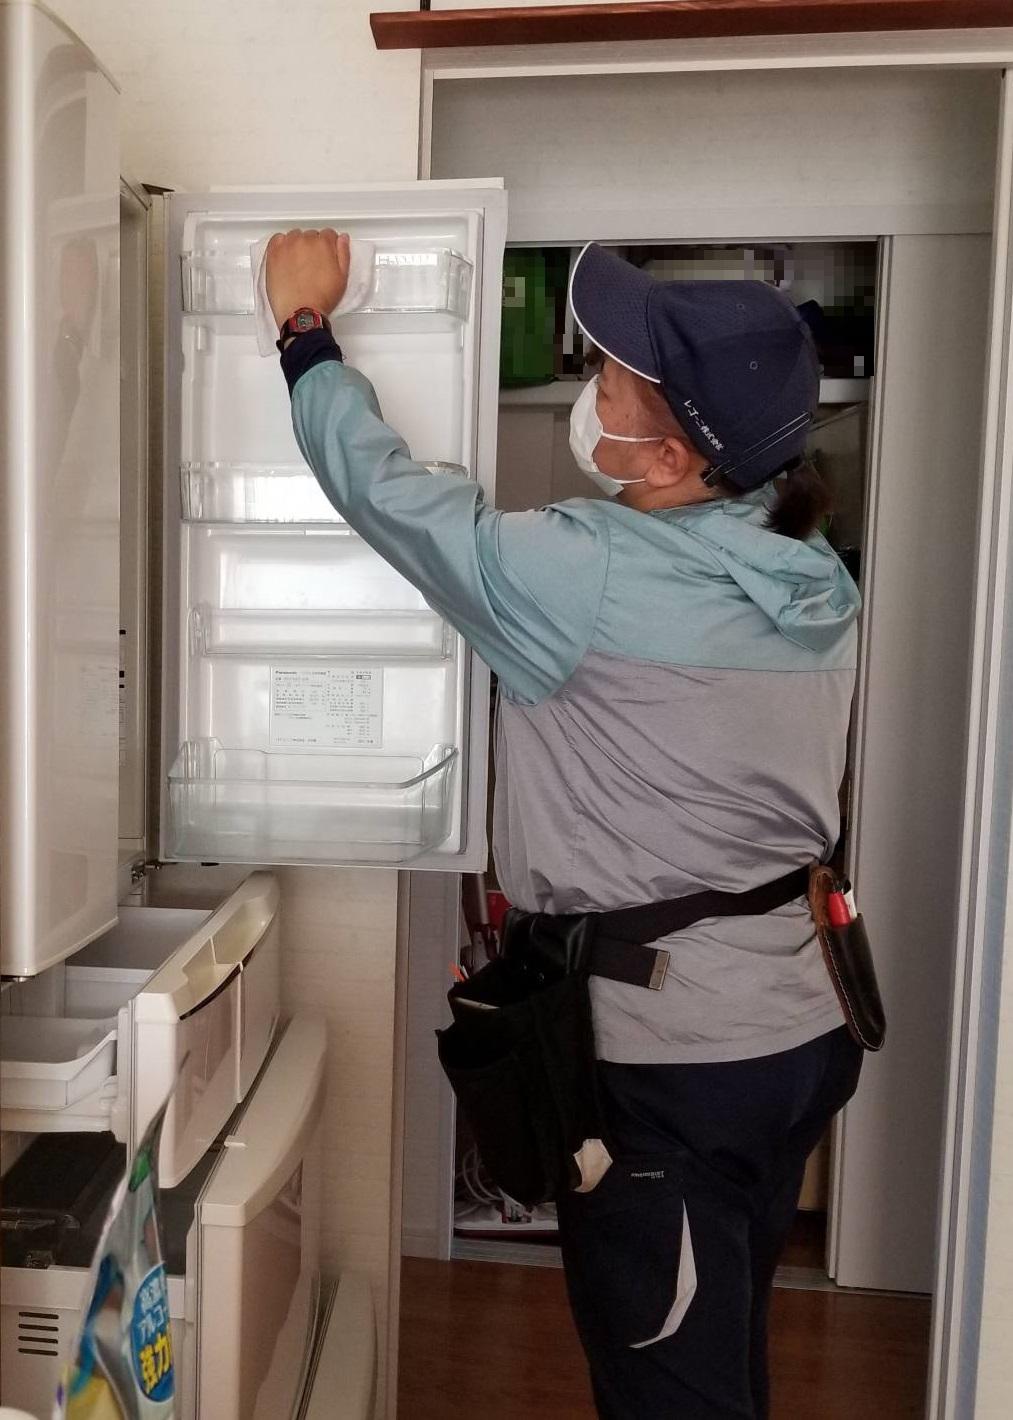 リクエスト作業 冷蔵庫内の清掃 (2)